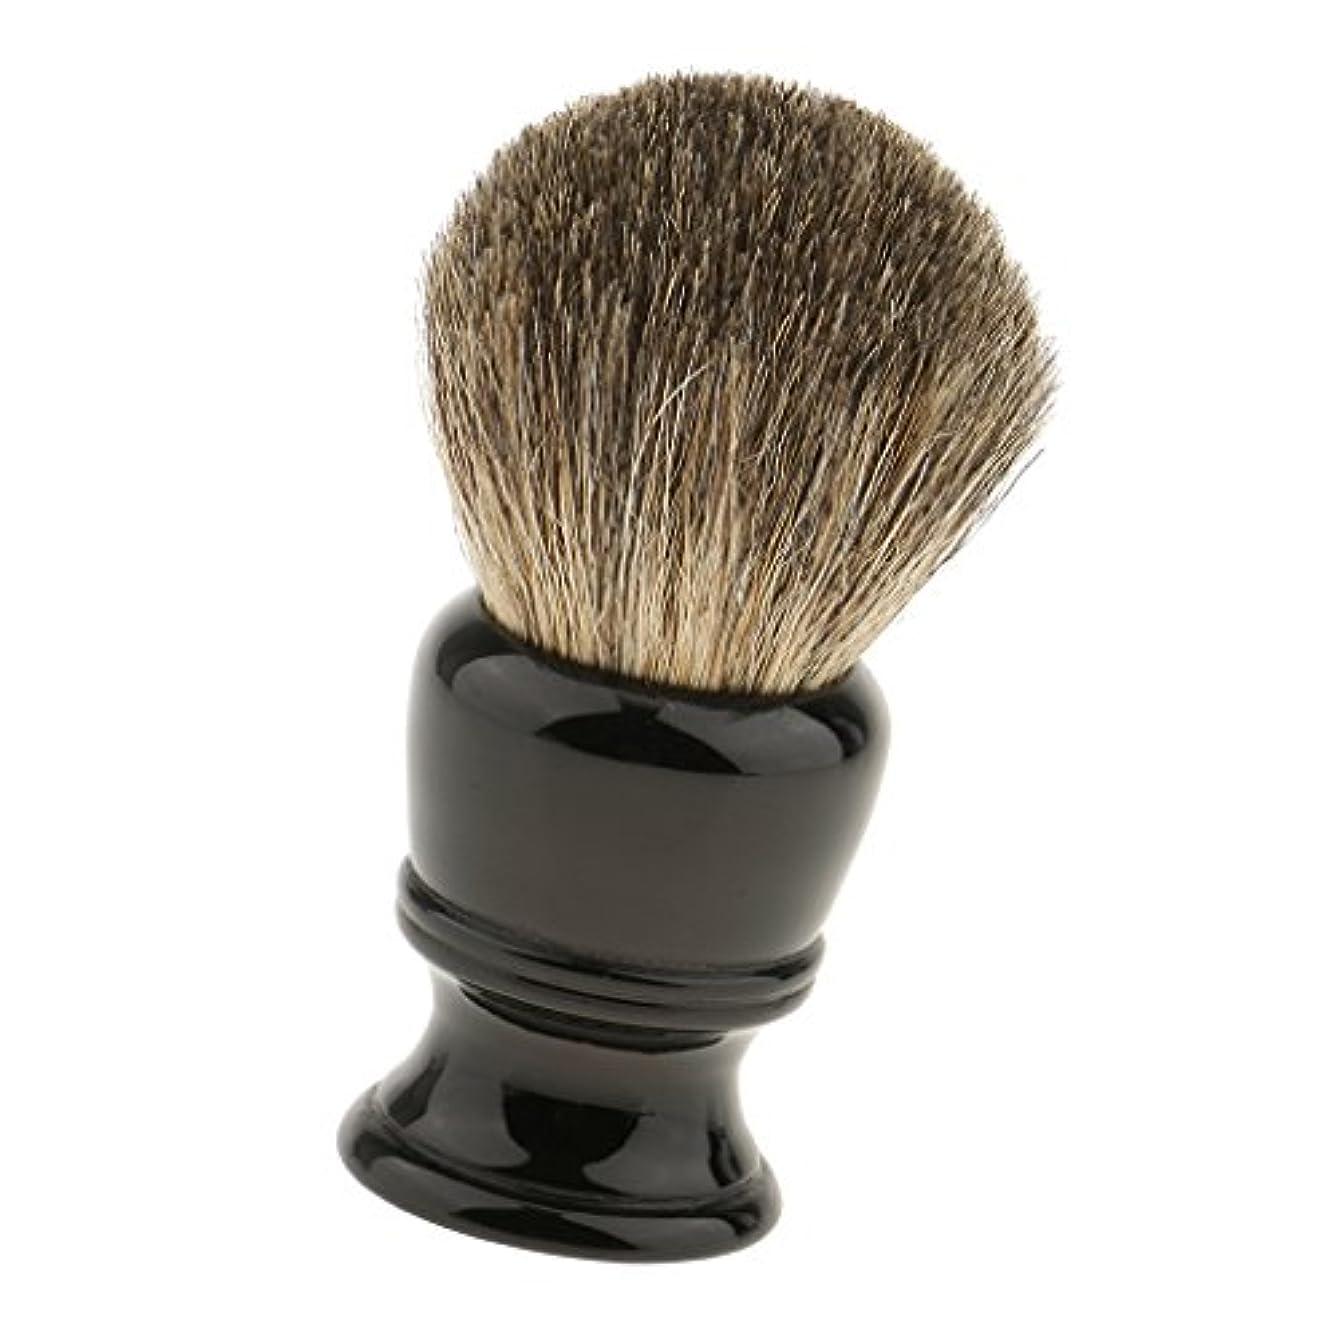 シェード単調な馬鹿げたdailymall 樹脂ハンドルシェービングブラシホーム理容サロンツール旅行ポータブルキットの男性のひげ剃り